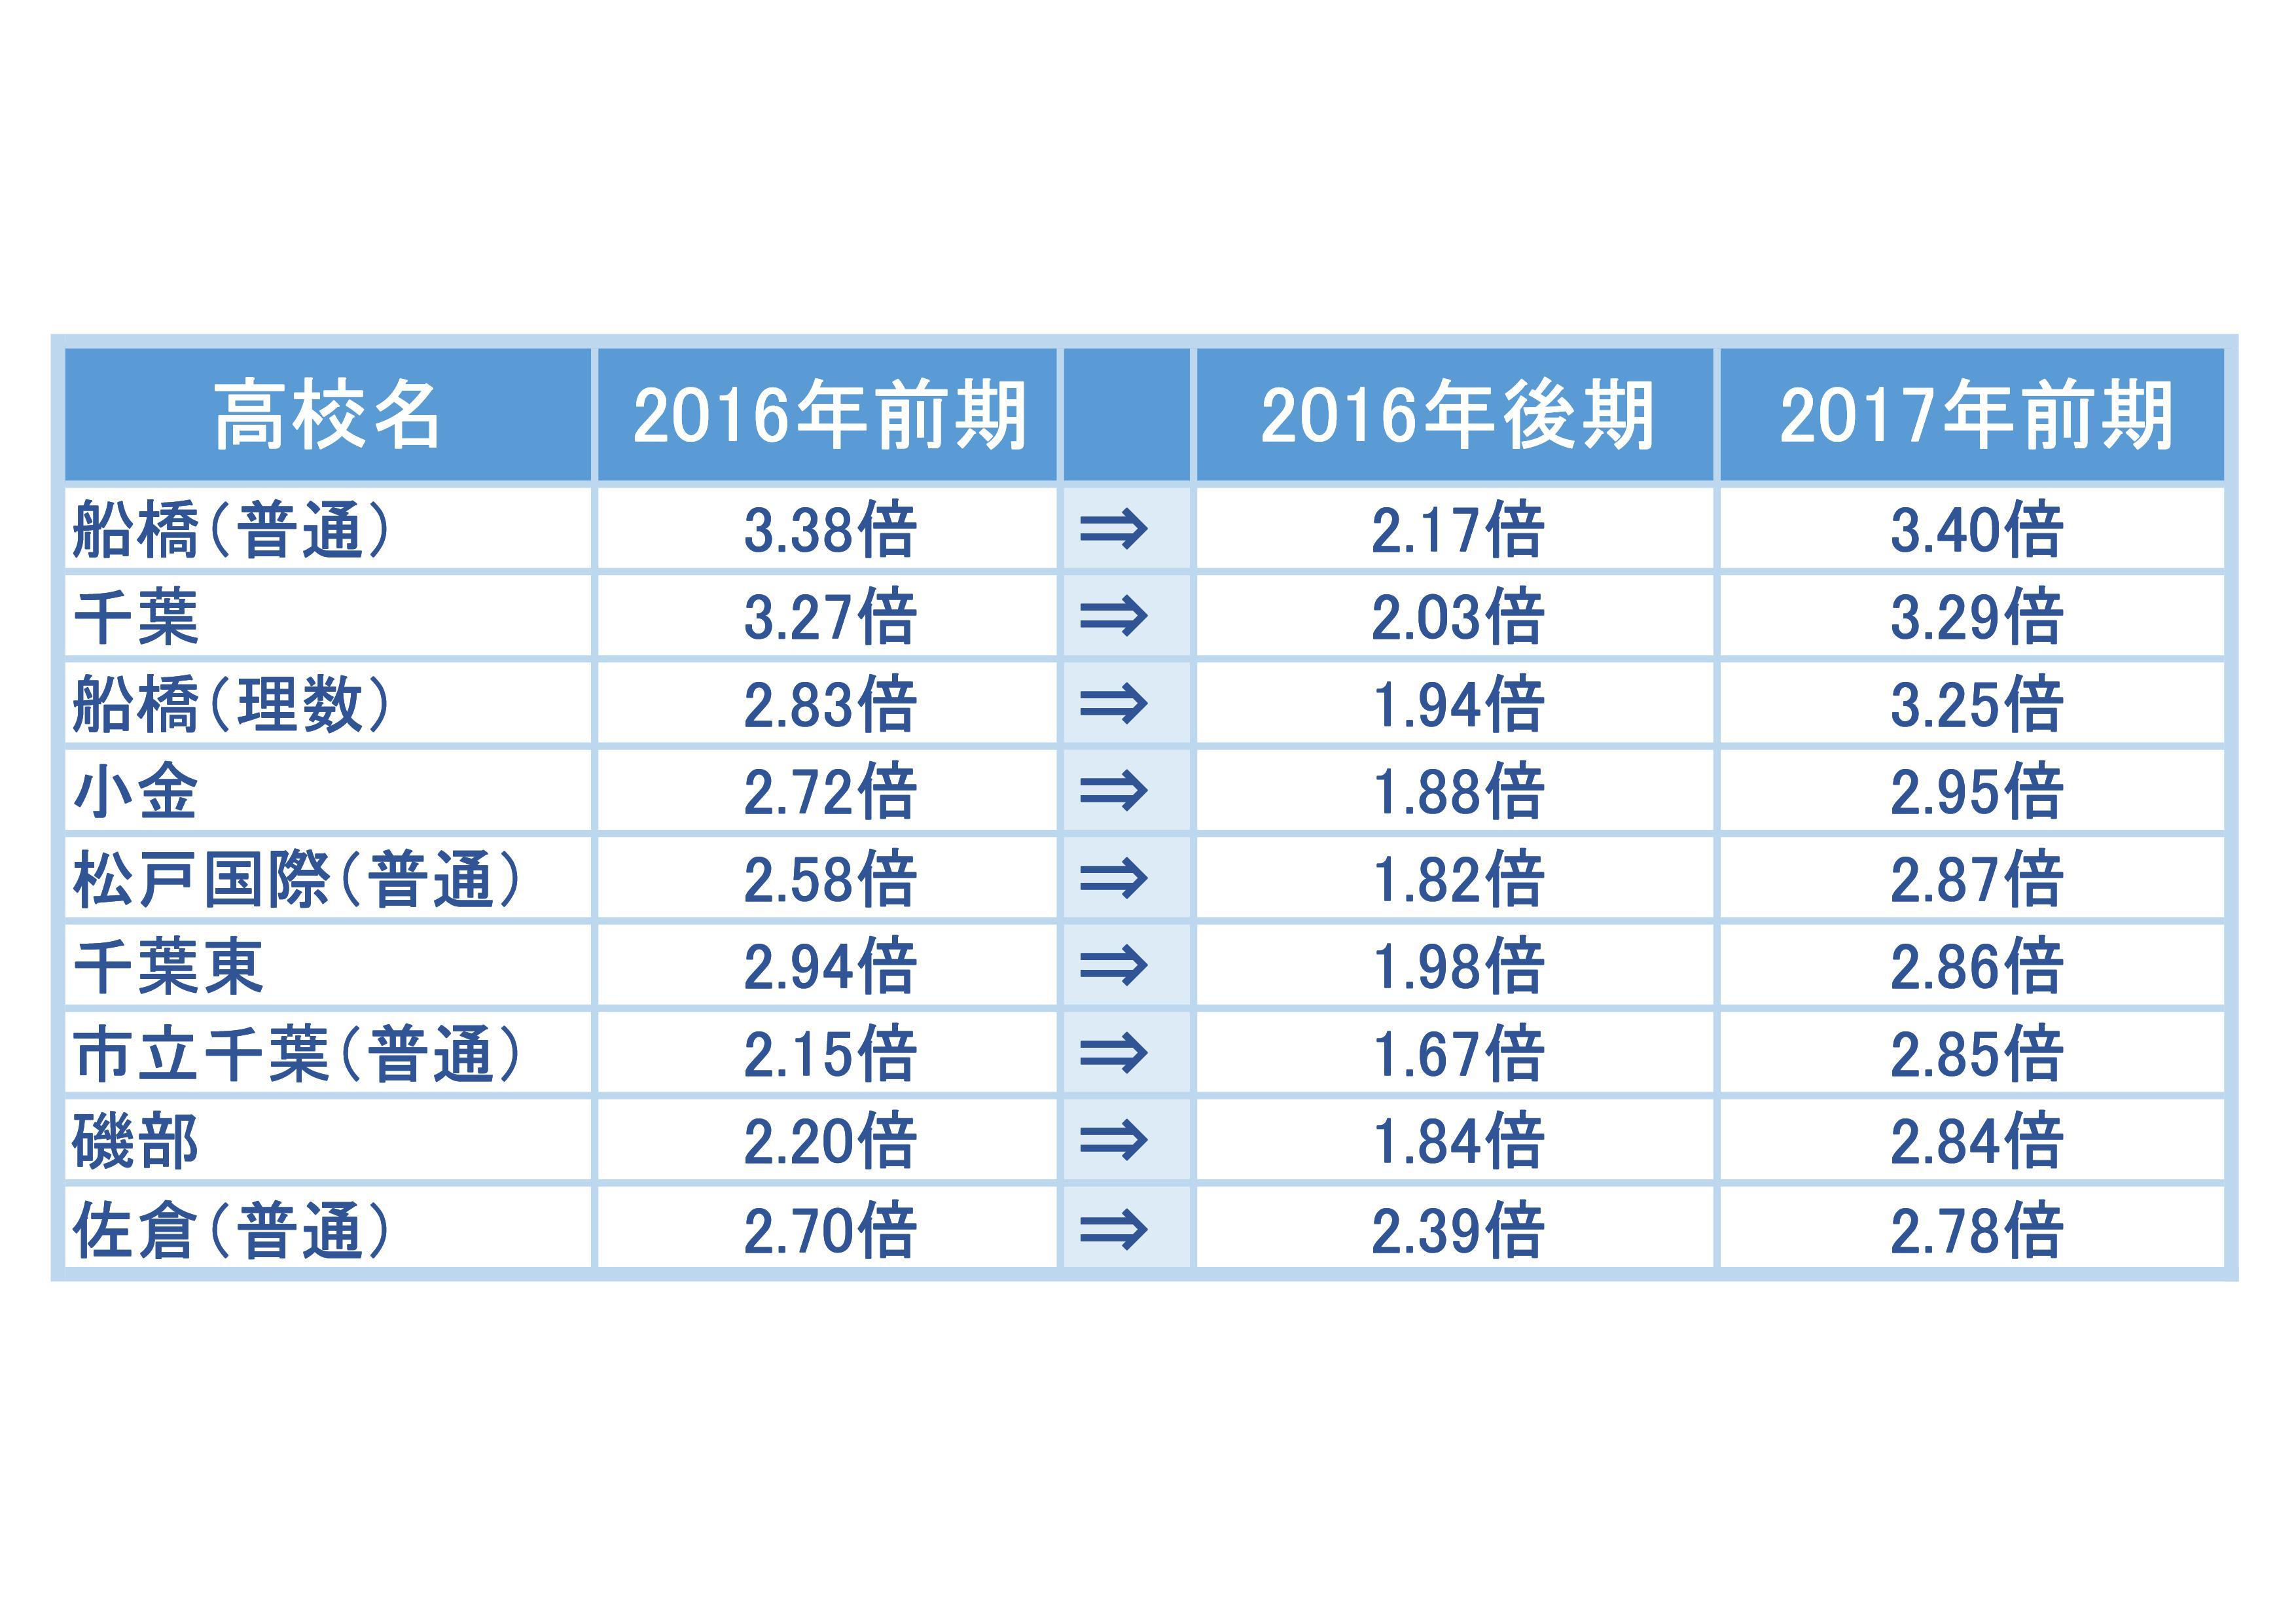 湘南ゼミナールの2017年度の後期選抜状況の倍率をまとめたグラフ